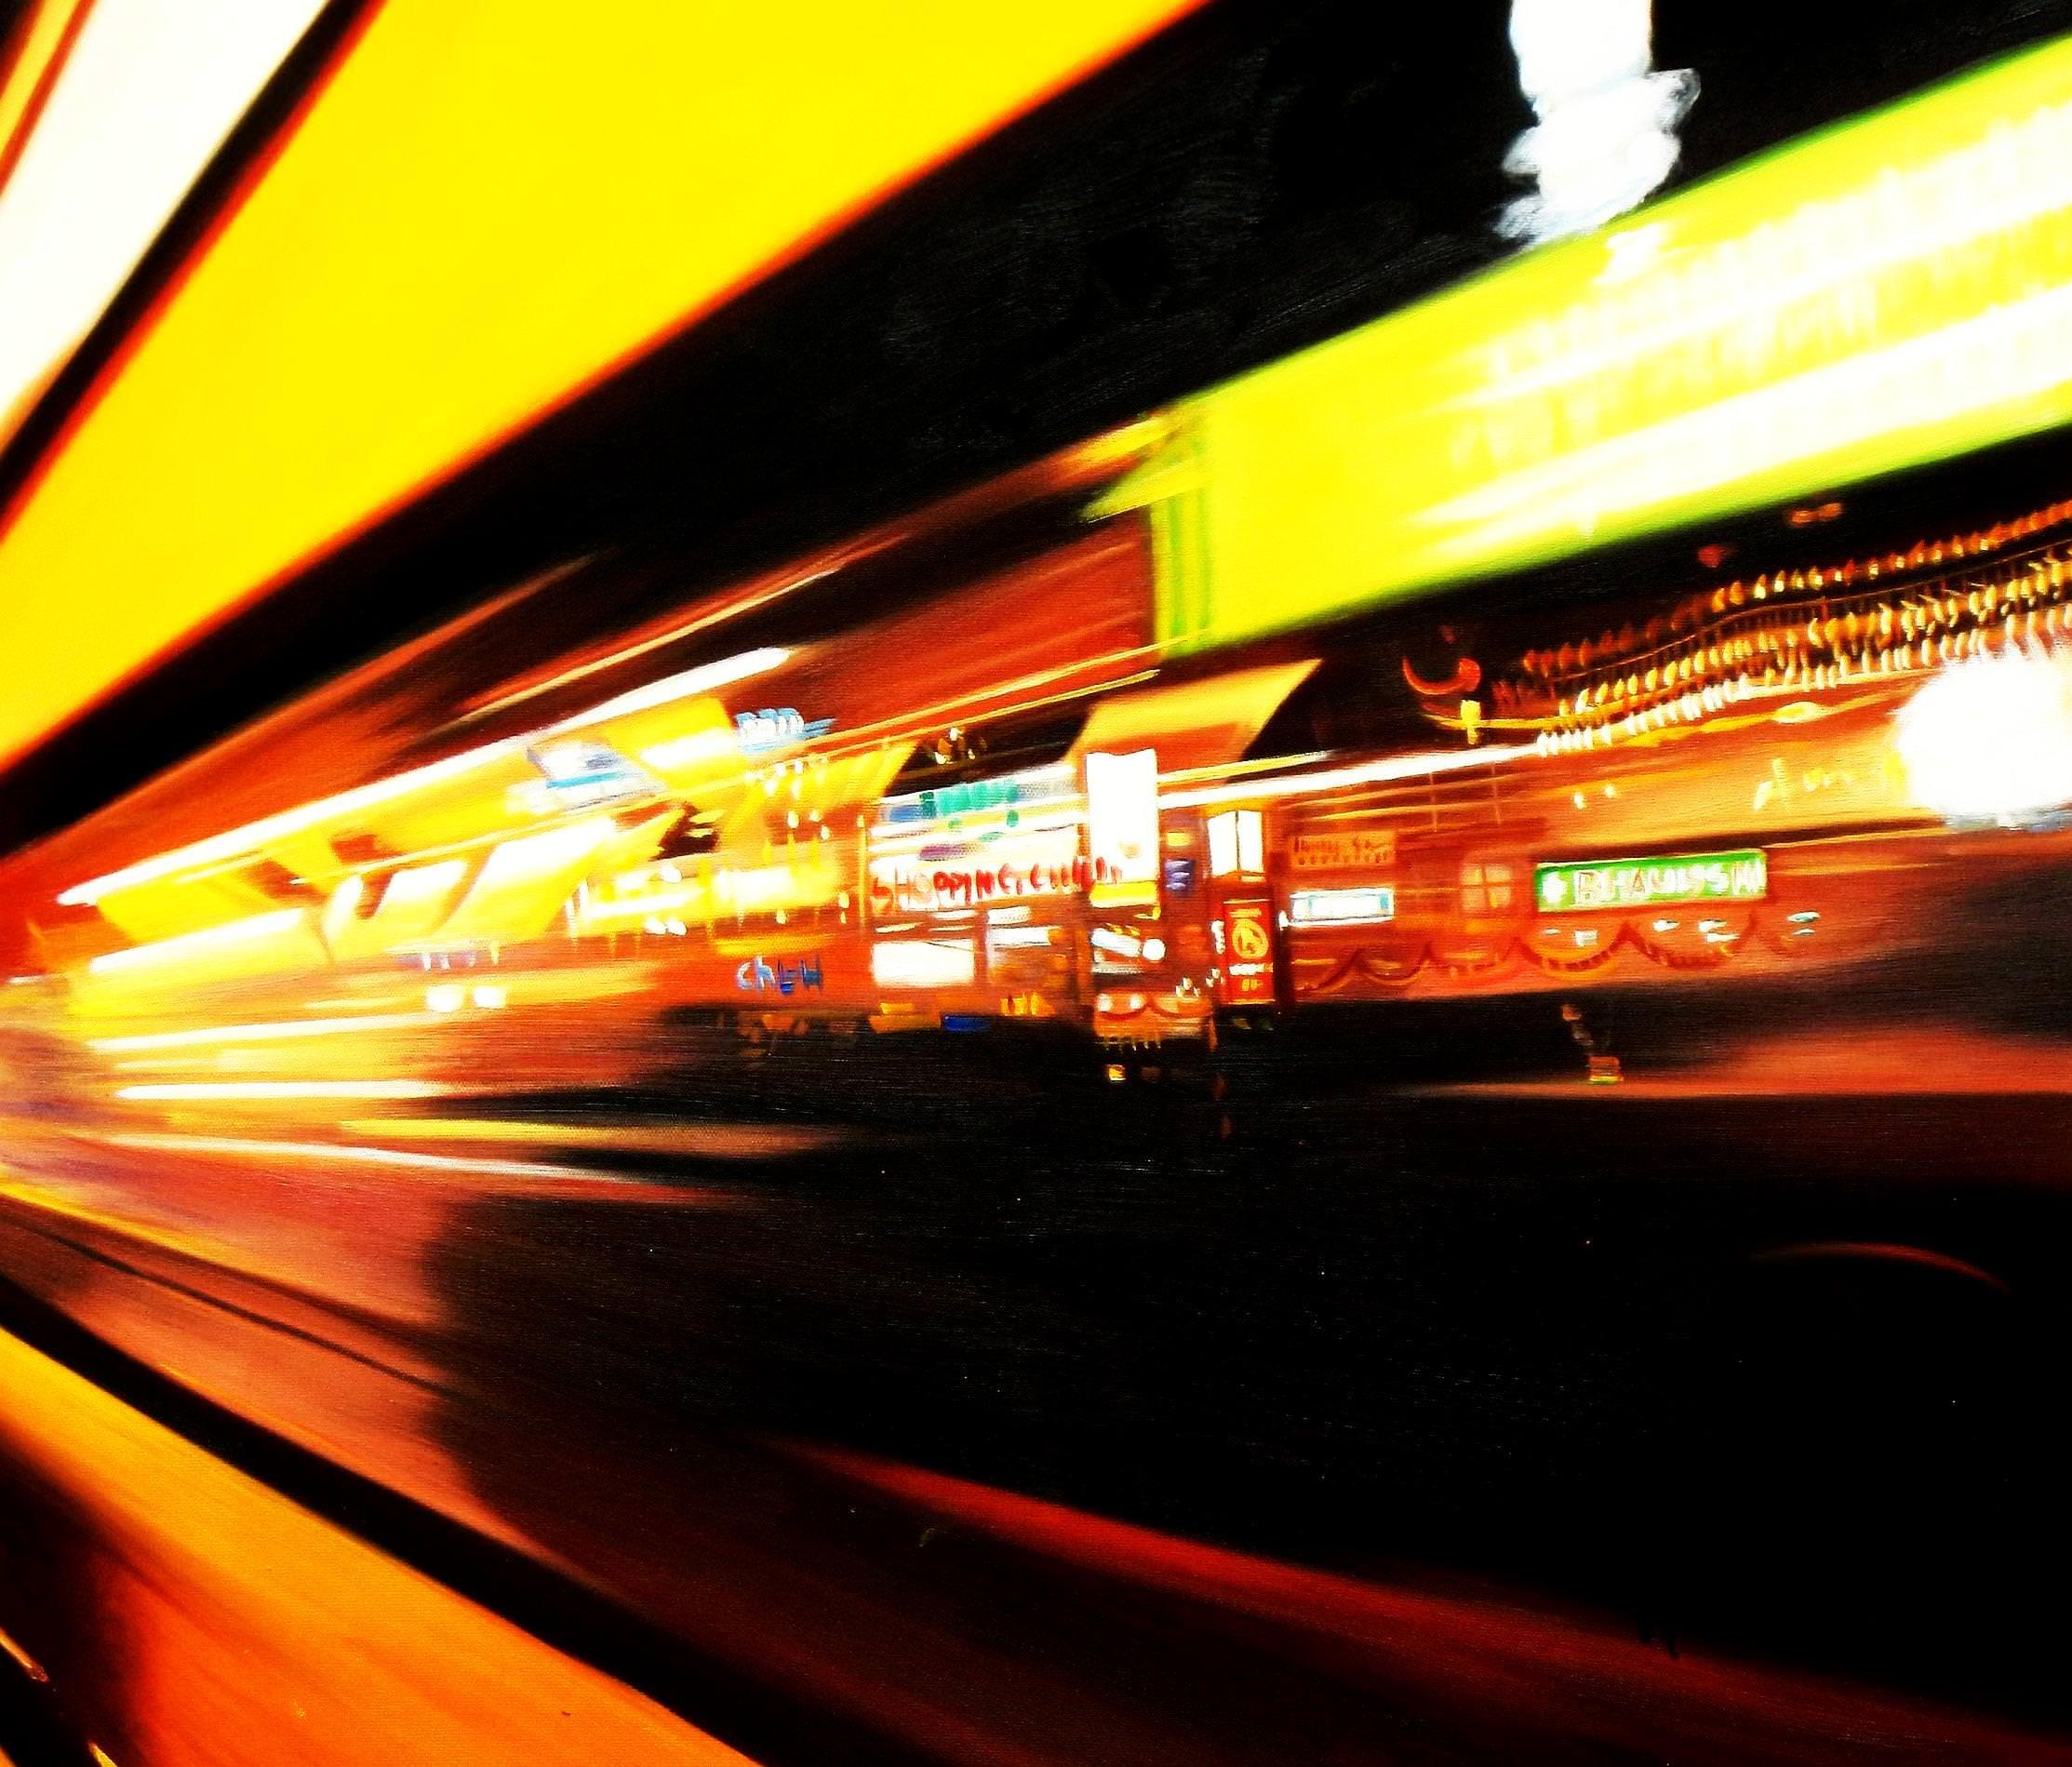 Modern Art - Berlin Tag und Nacht c93345 50x60cm Ölgemälde handgemaltes Ölbild